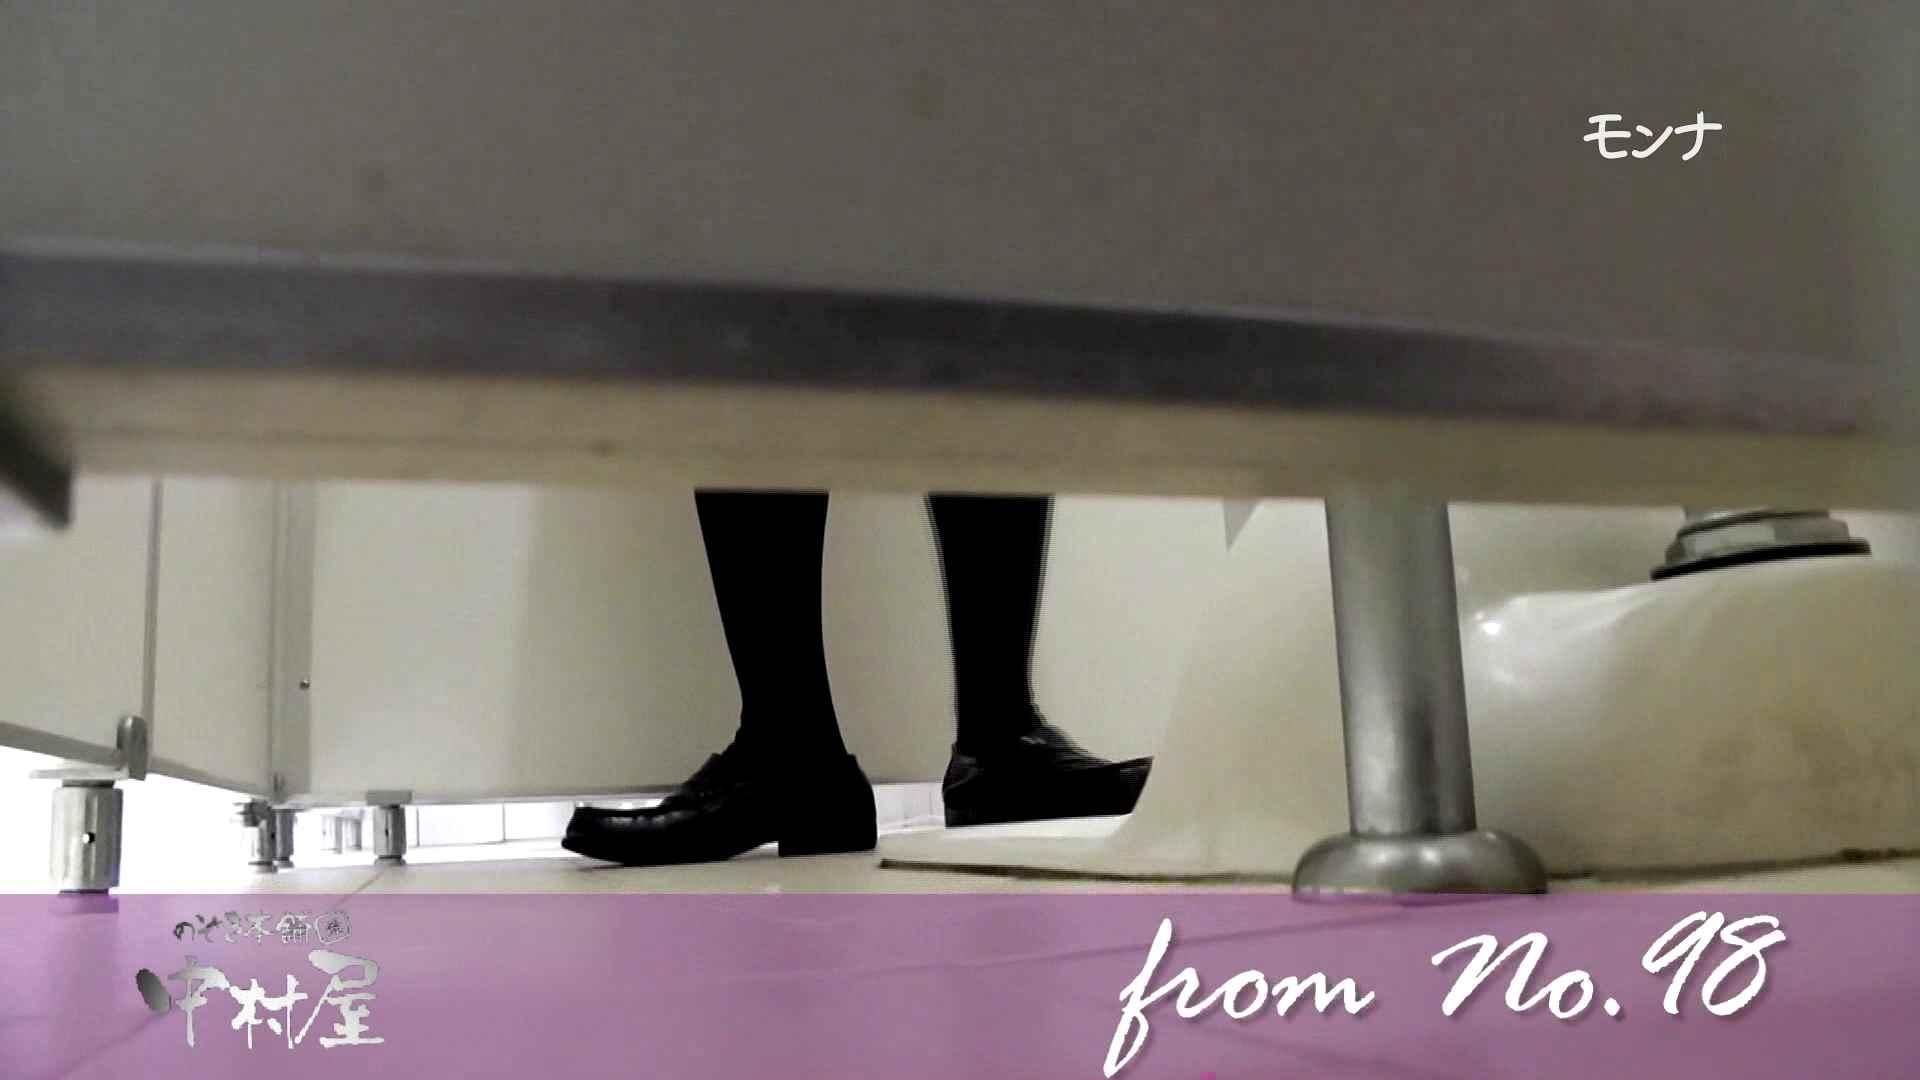 【美しい日本の未来】遂に!!戸田恵梨香似の予告モデル登場ダッシュで「大」前編 モデルのエロ生活  31連発 14